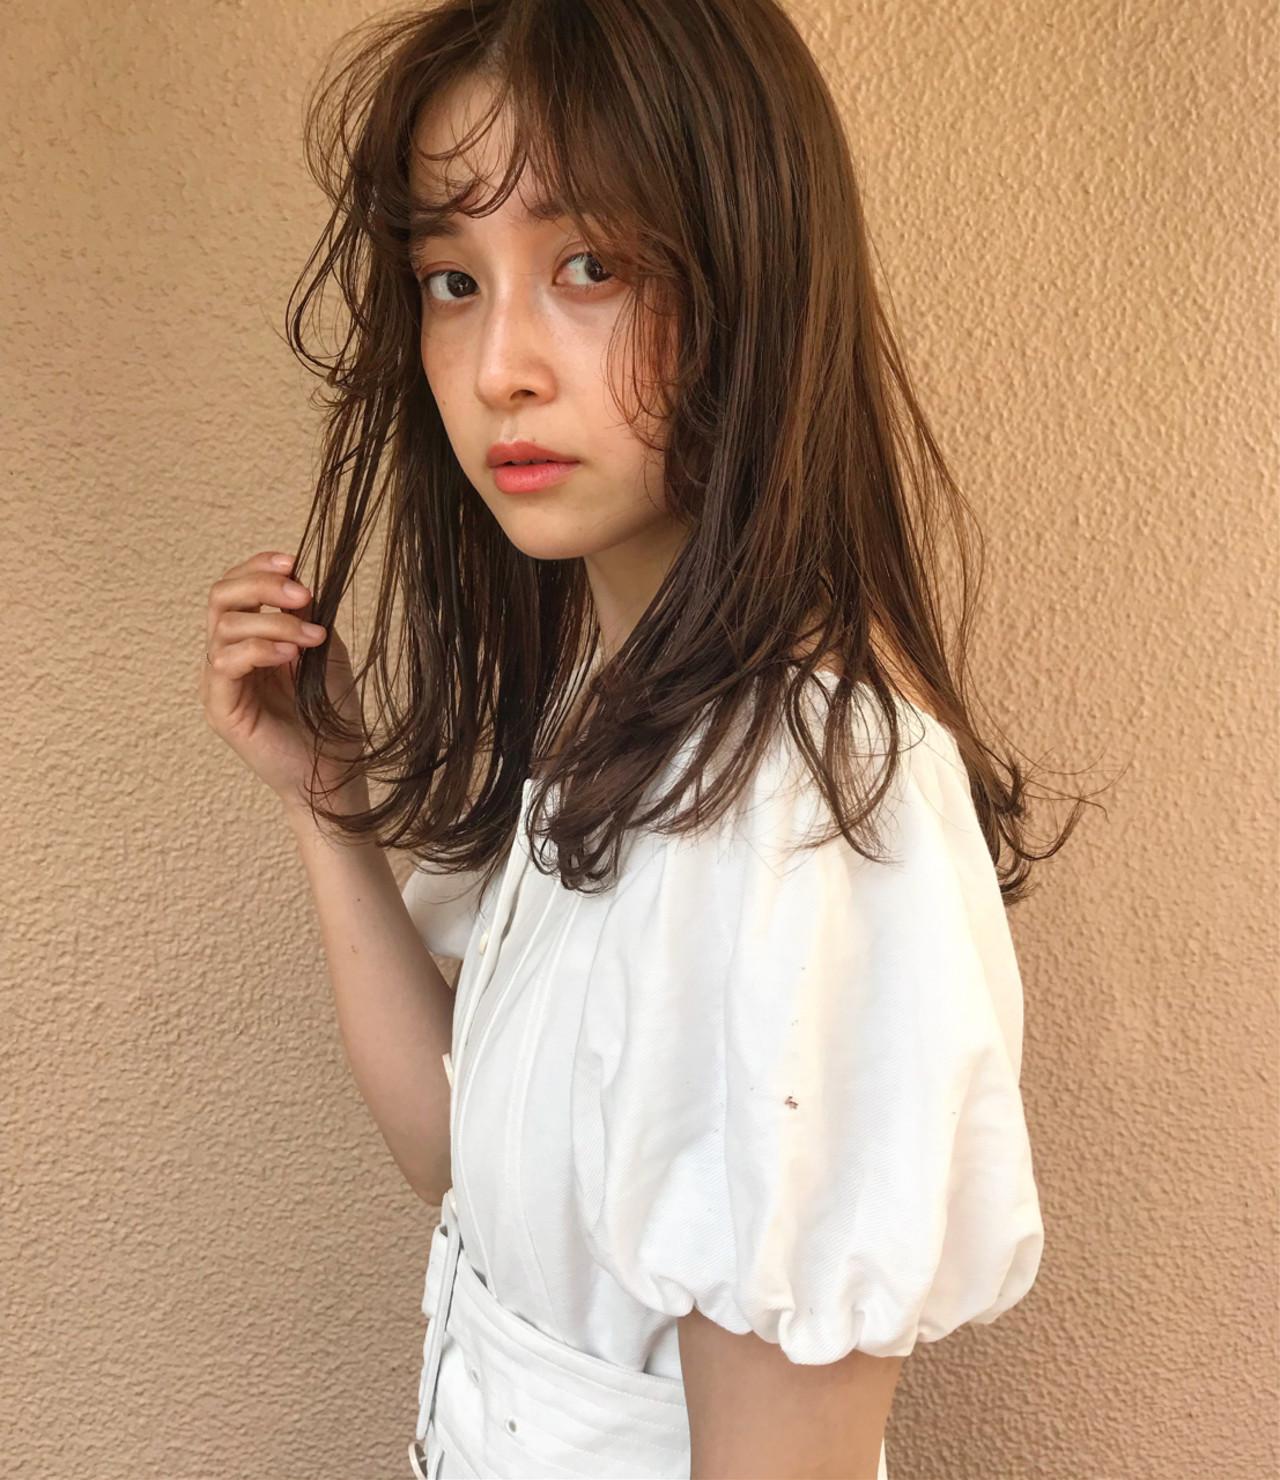 デート ミディアム スポーツ アウトドア ヘアスタイルや髪型の写真・画像 | lora.garden 英太 /  lora.garden